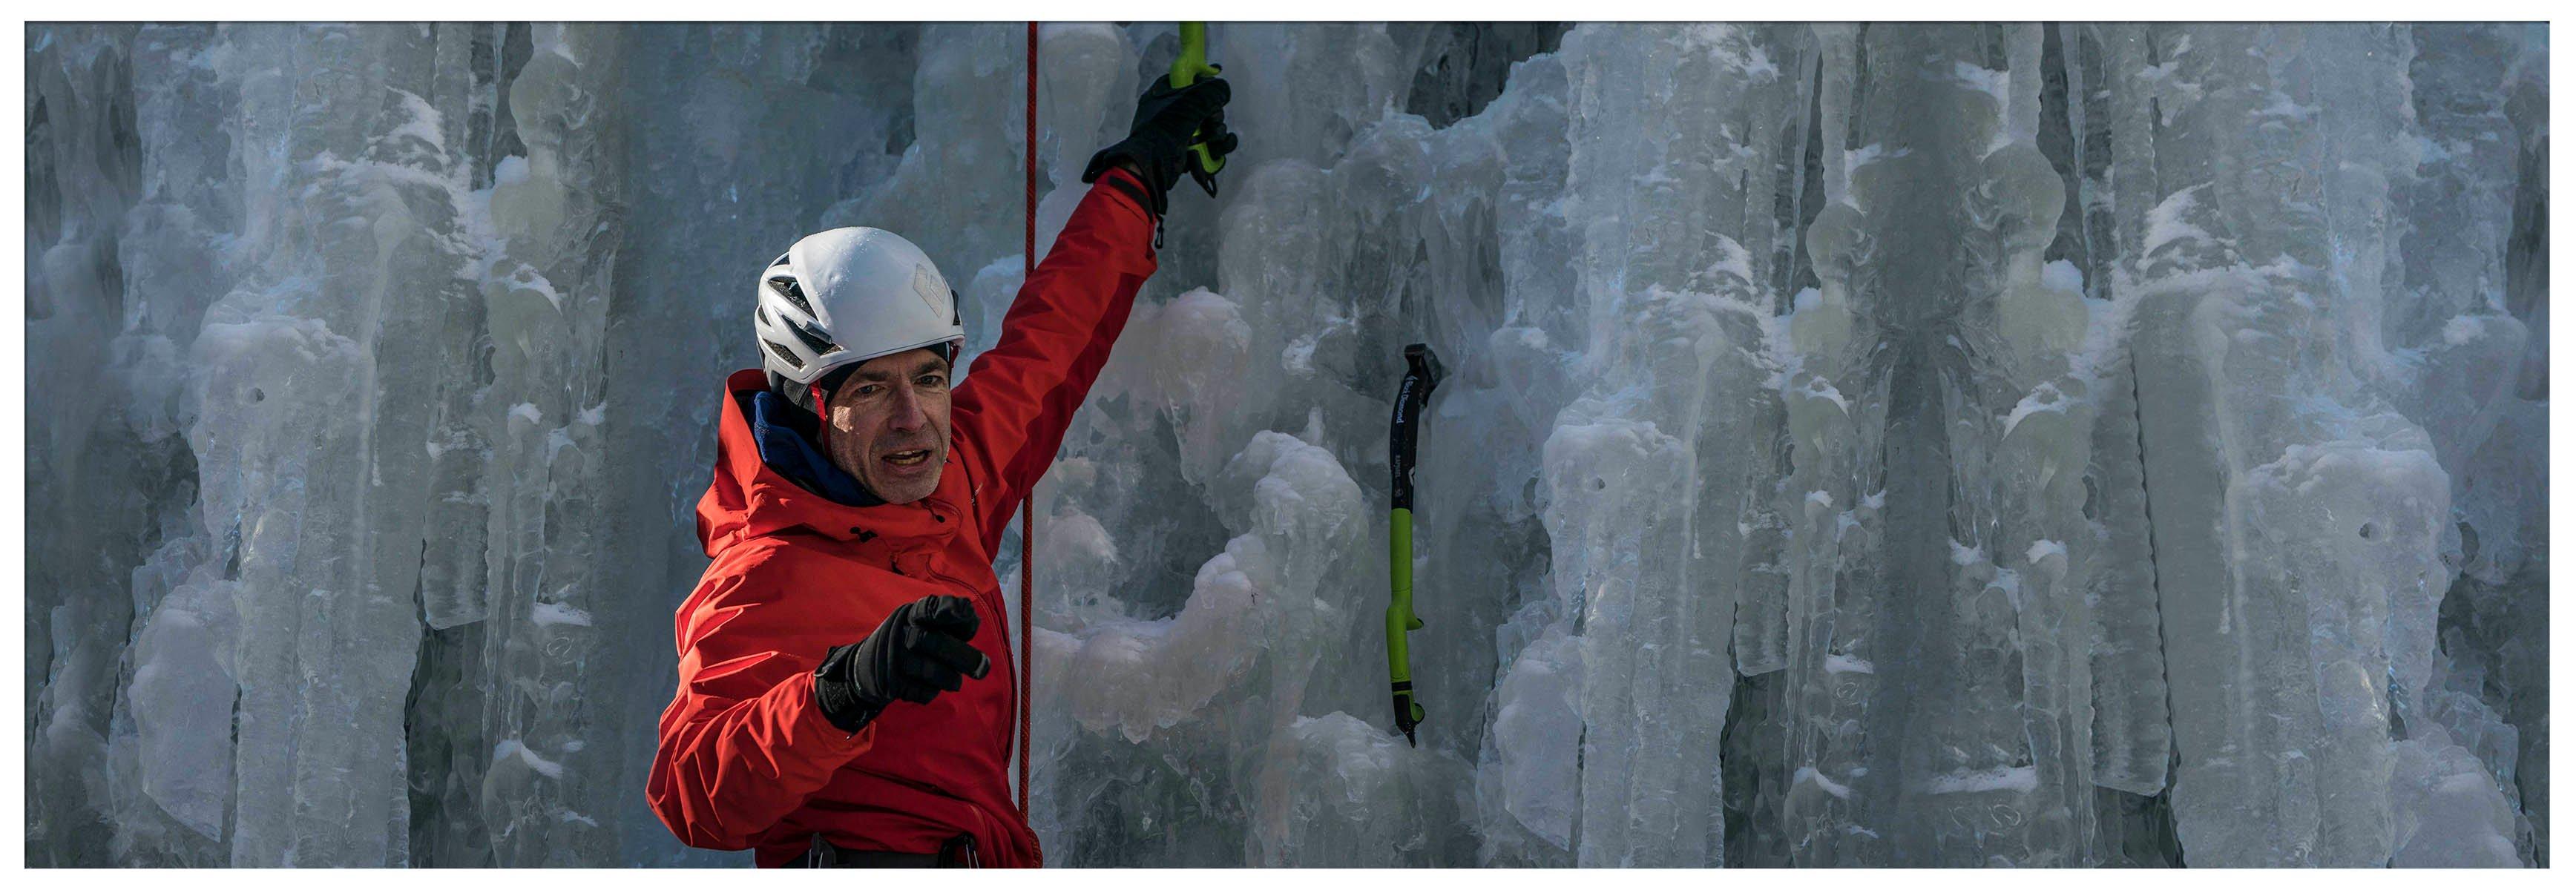 ice-climbers_9